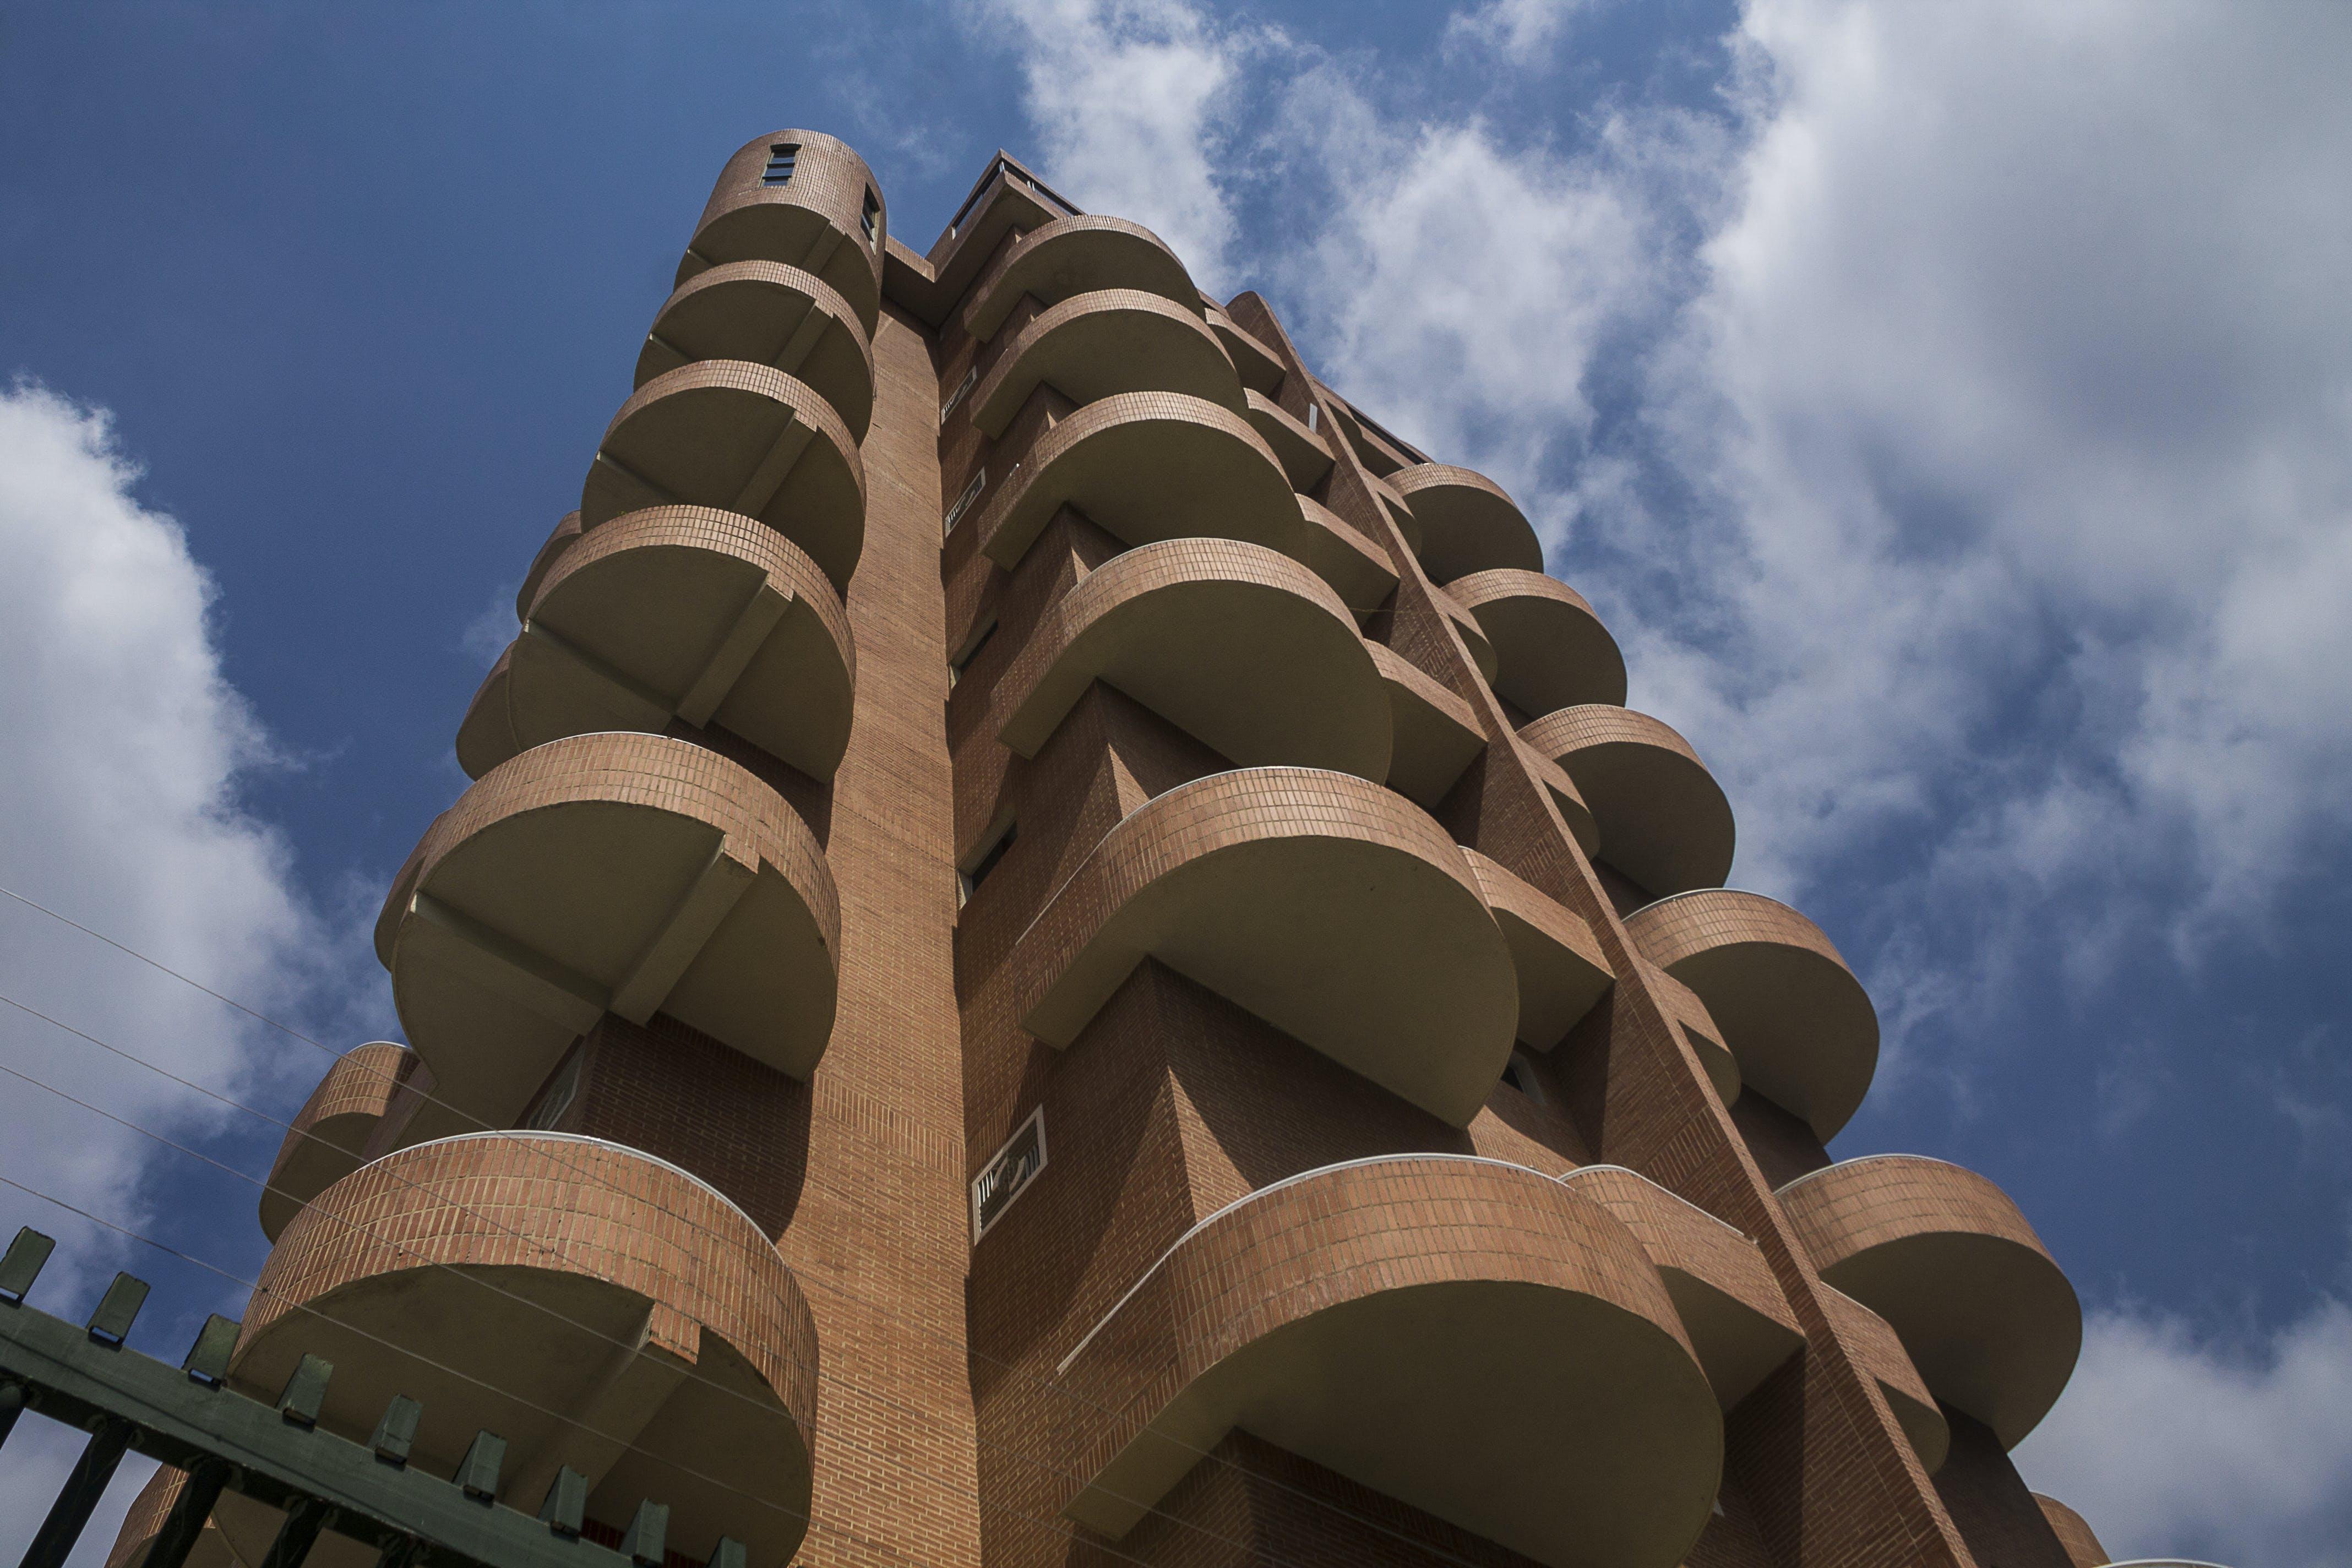 Gratis arkivbilde med arkitektoniske detaljer, blå, blå himmel, himmel